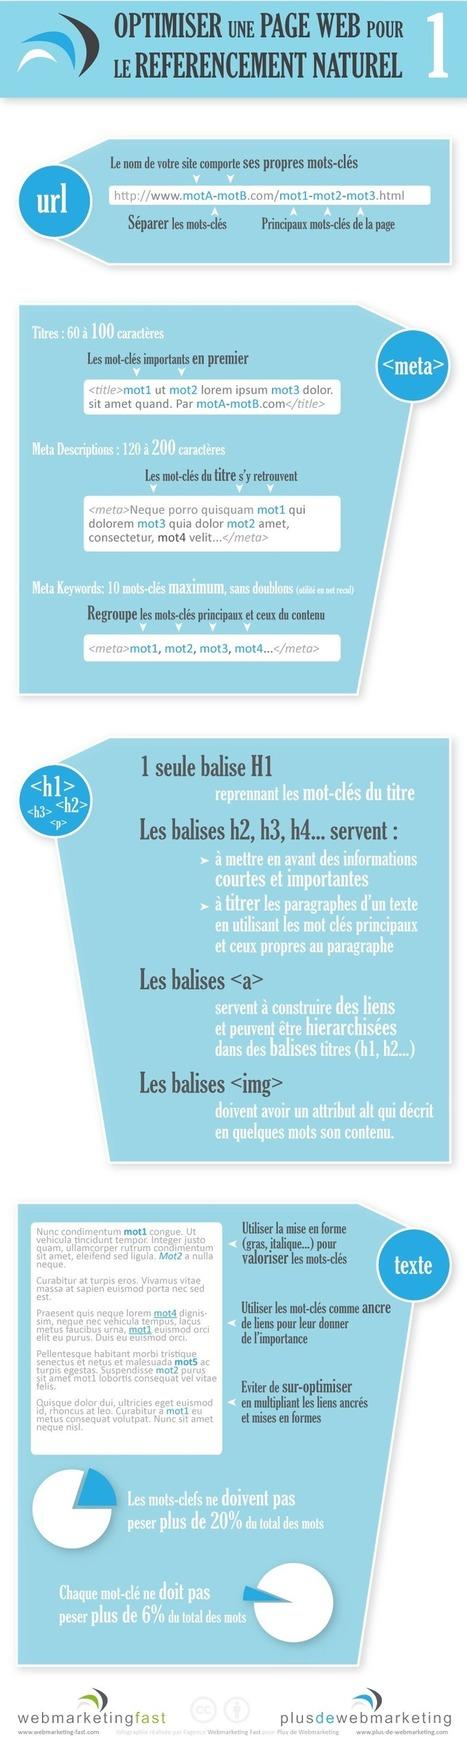 Infographie : Optimiser une page web pour le référencement naturel | Plus de Webmarketing | Time to Learn | Scoop.it